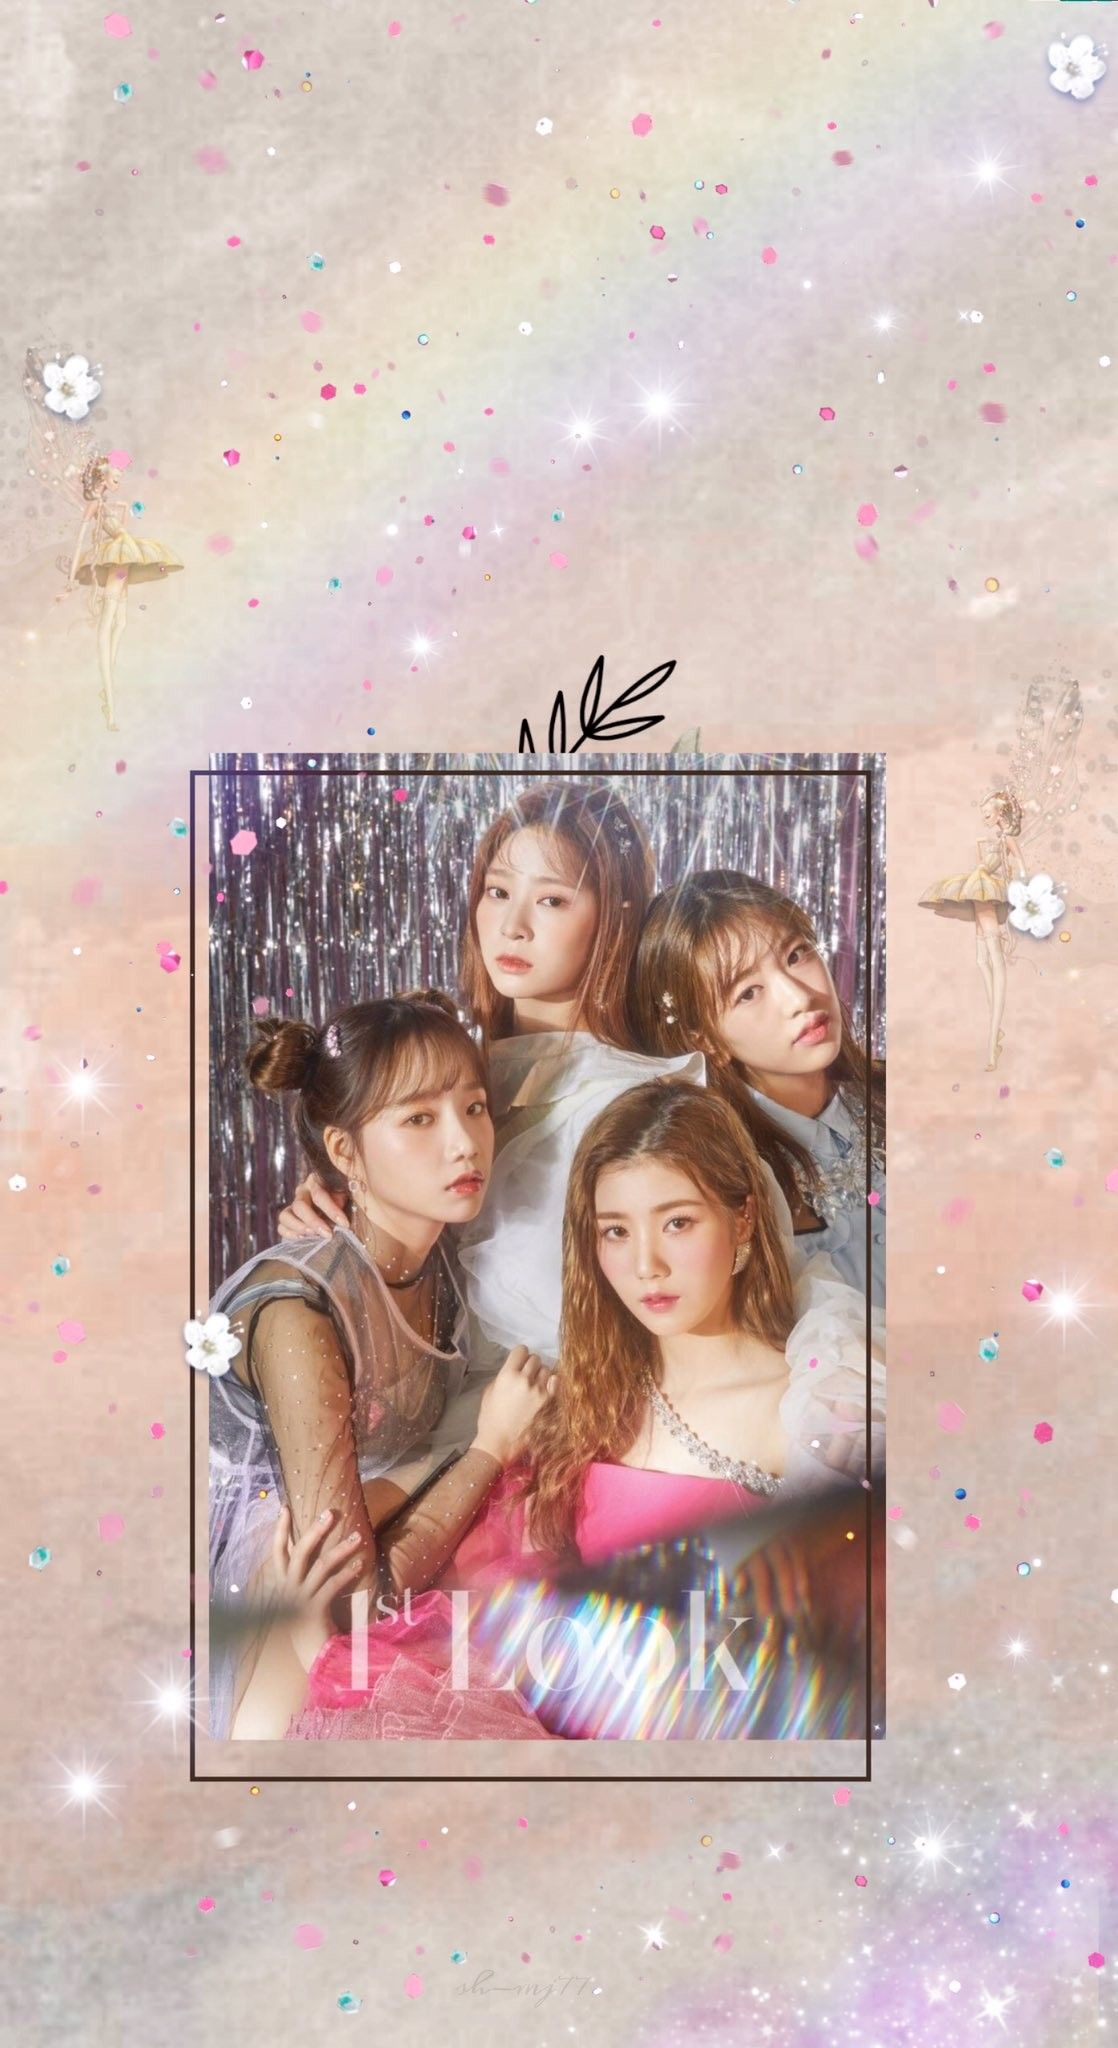 Pin Di Wallpapers Lockscreen Kpop 배경